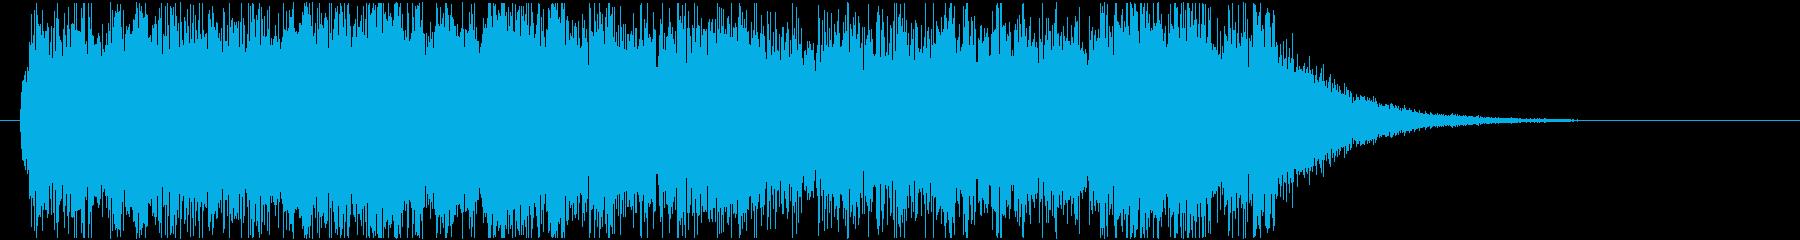 壮大な死を暗示するジングルの再生済みの波形